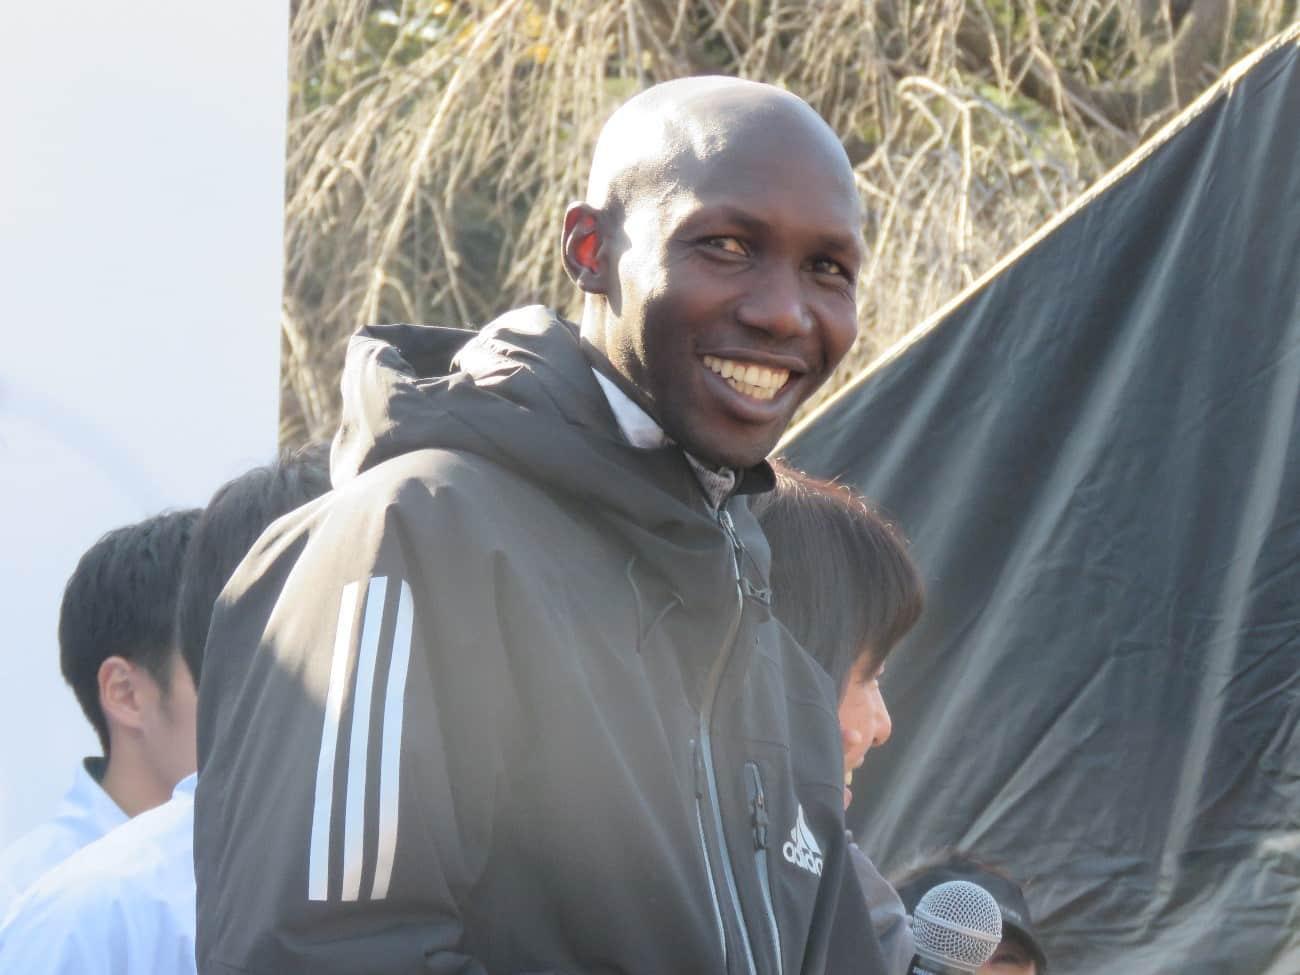 青学駅伝メンバーにマラソン元世界記録保持者! 豪華すぎるペーサーと走れるアディダスのイベント